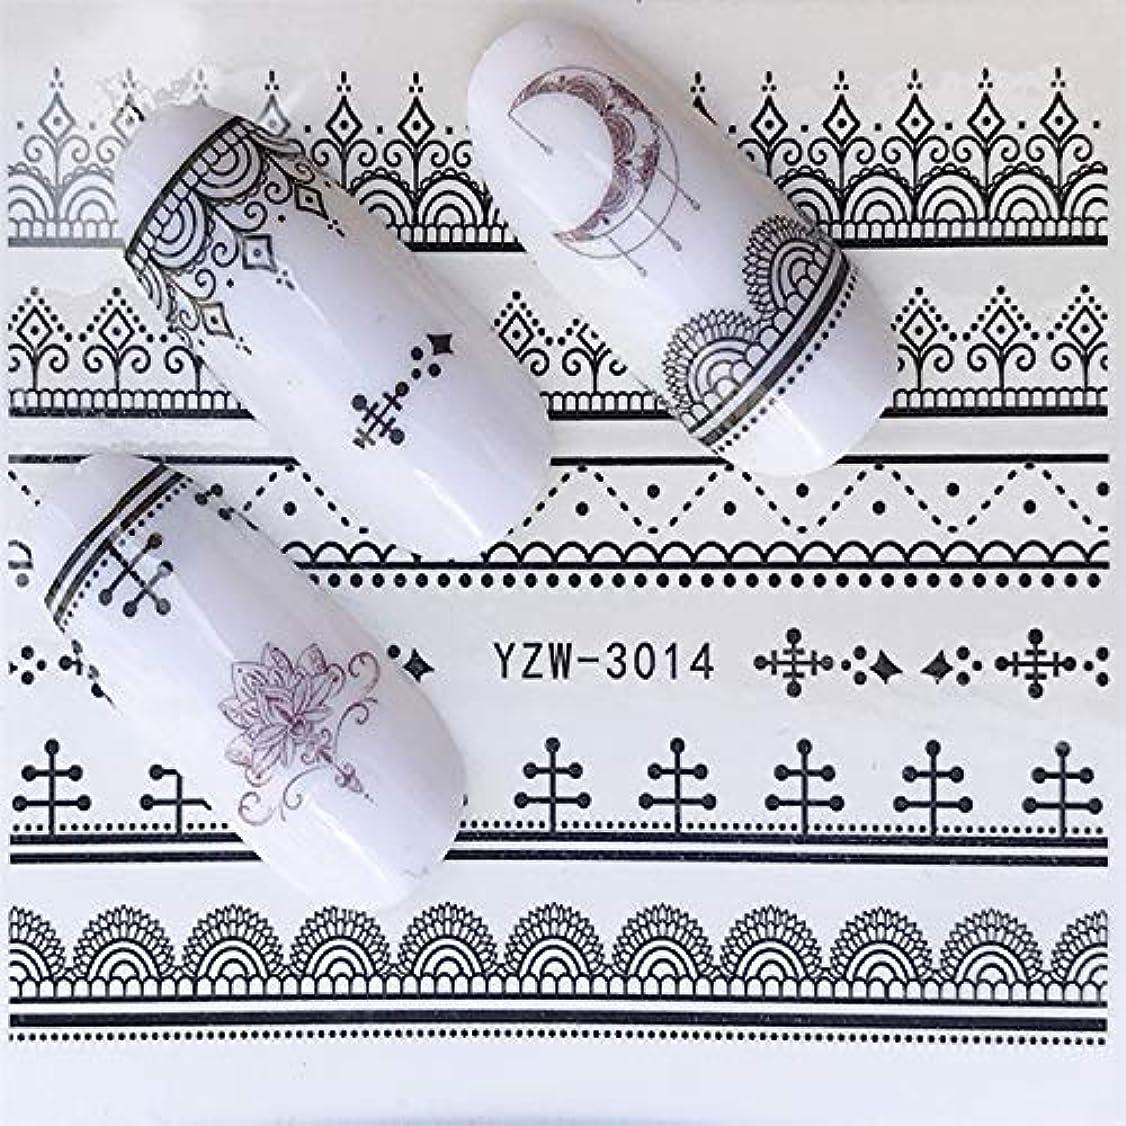 広告する今後扇動手足ビューティーケア 3個ネイルステッカーセットデカール水転写スライダーネイルアートデコレーション(YZW3002) (色 : YZW3014)